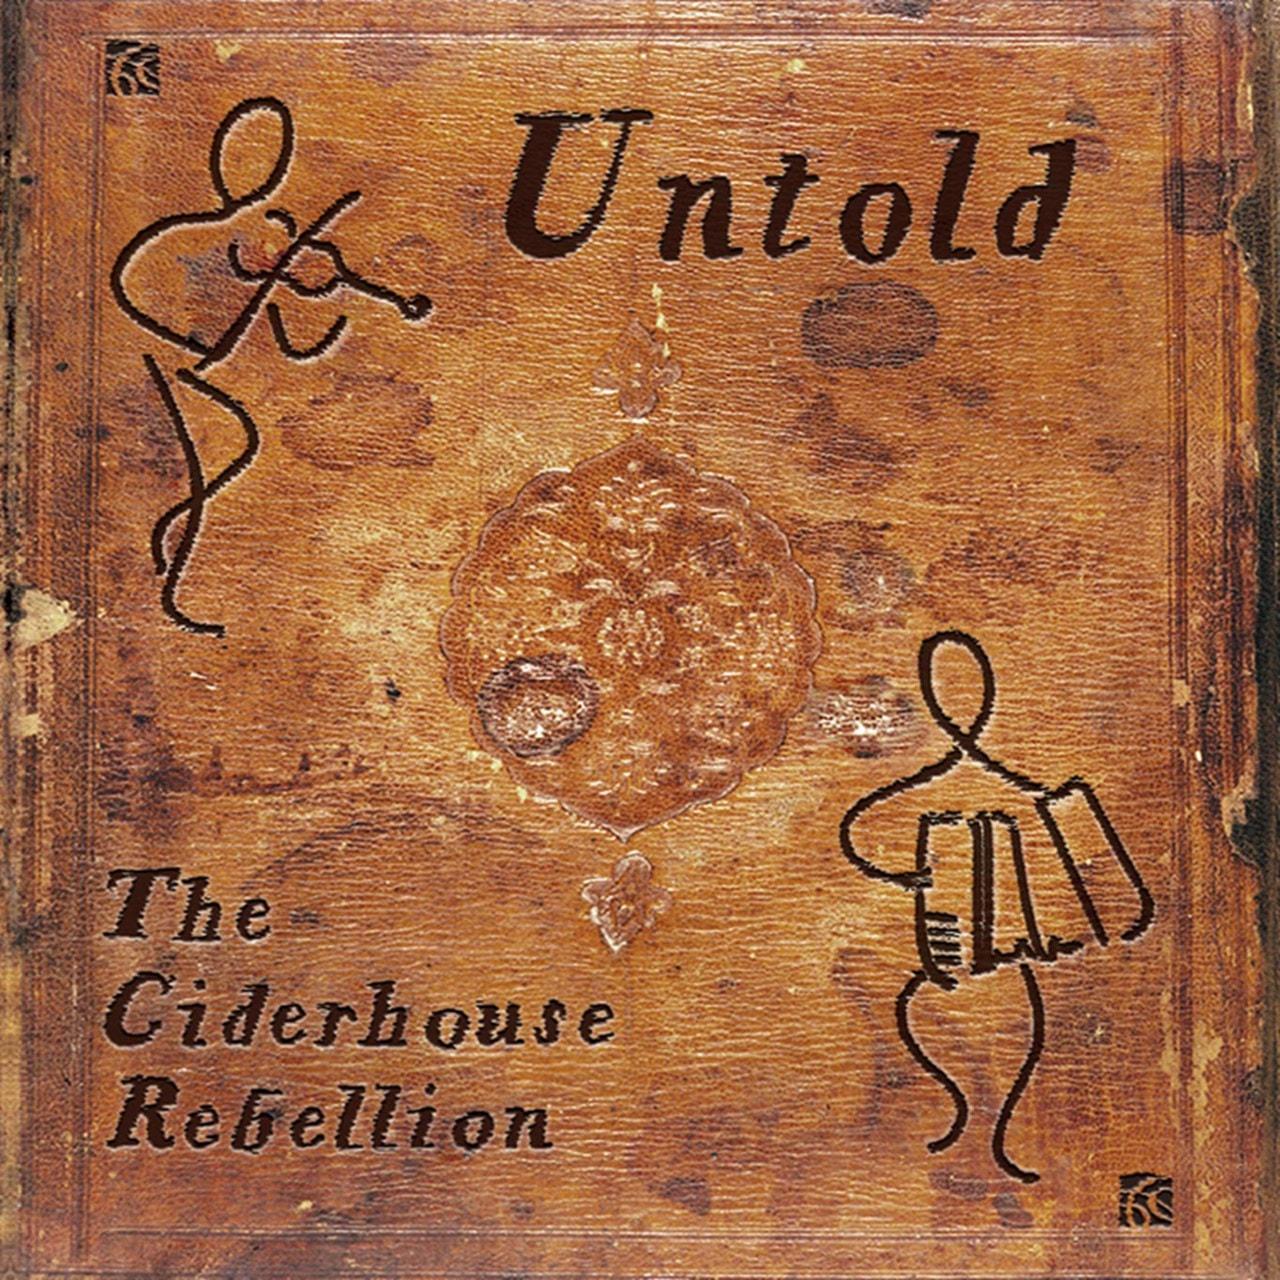 Untold: The Ciderhouse Rebellion - 1